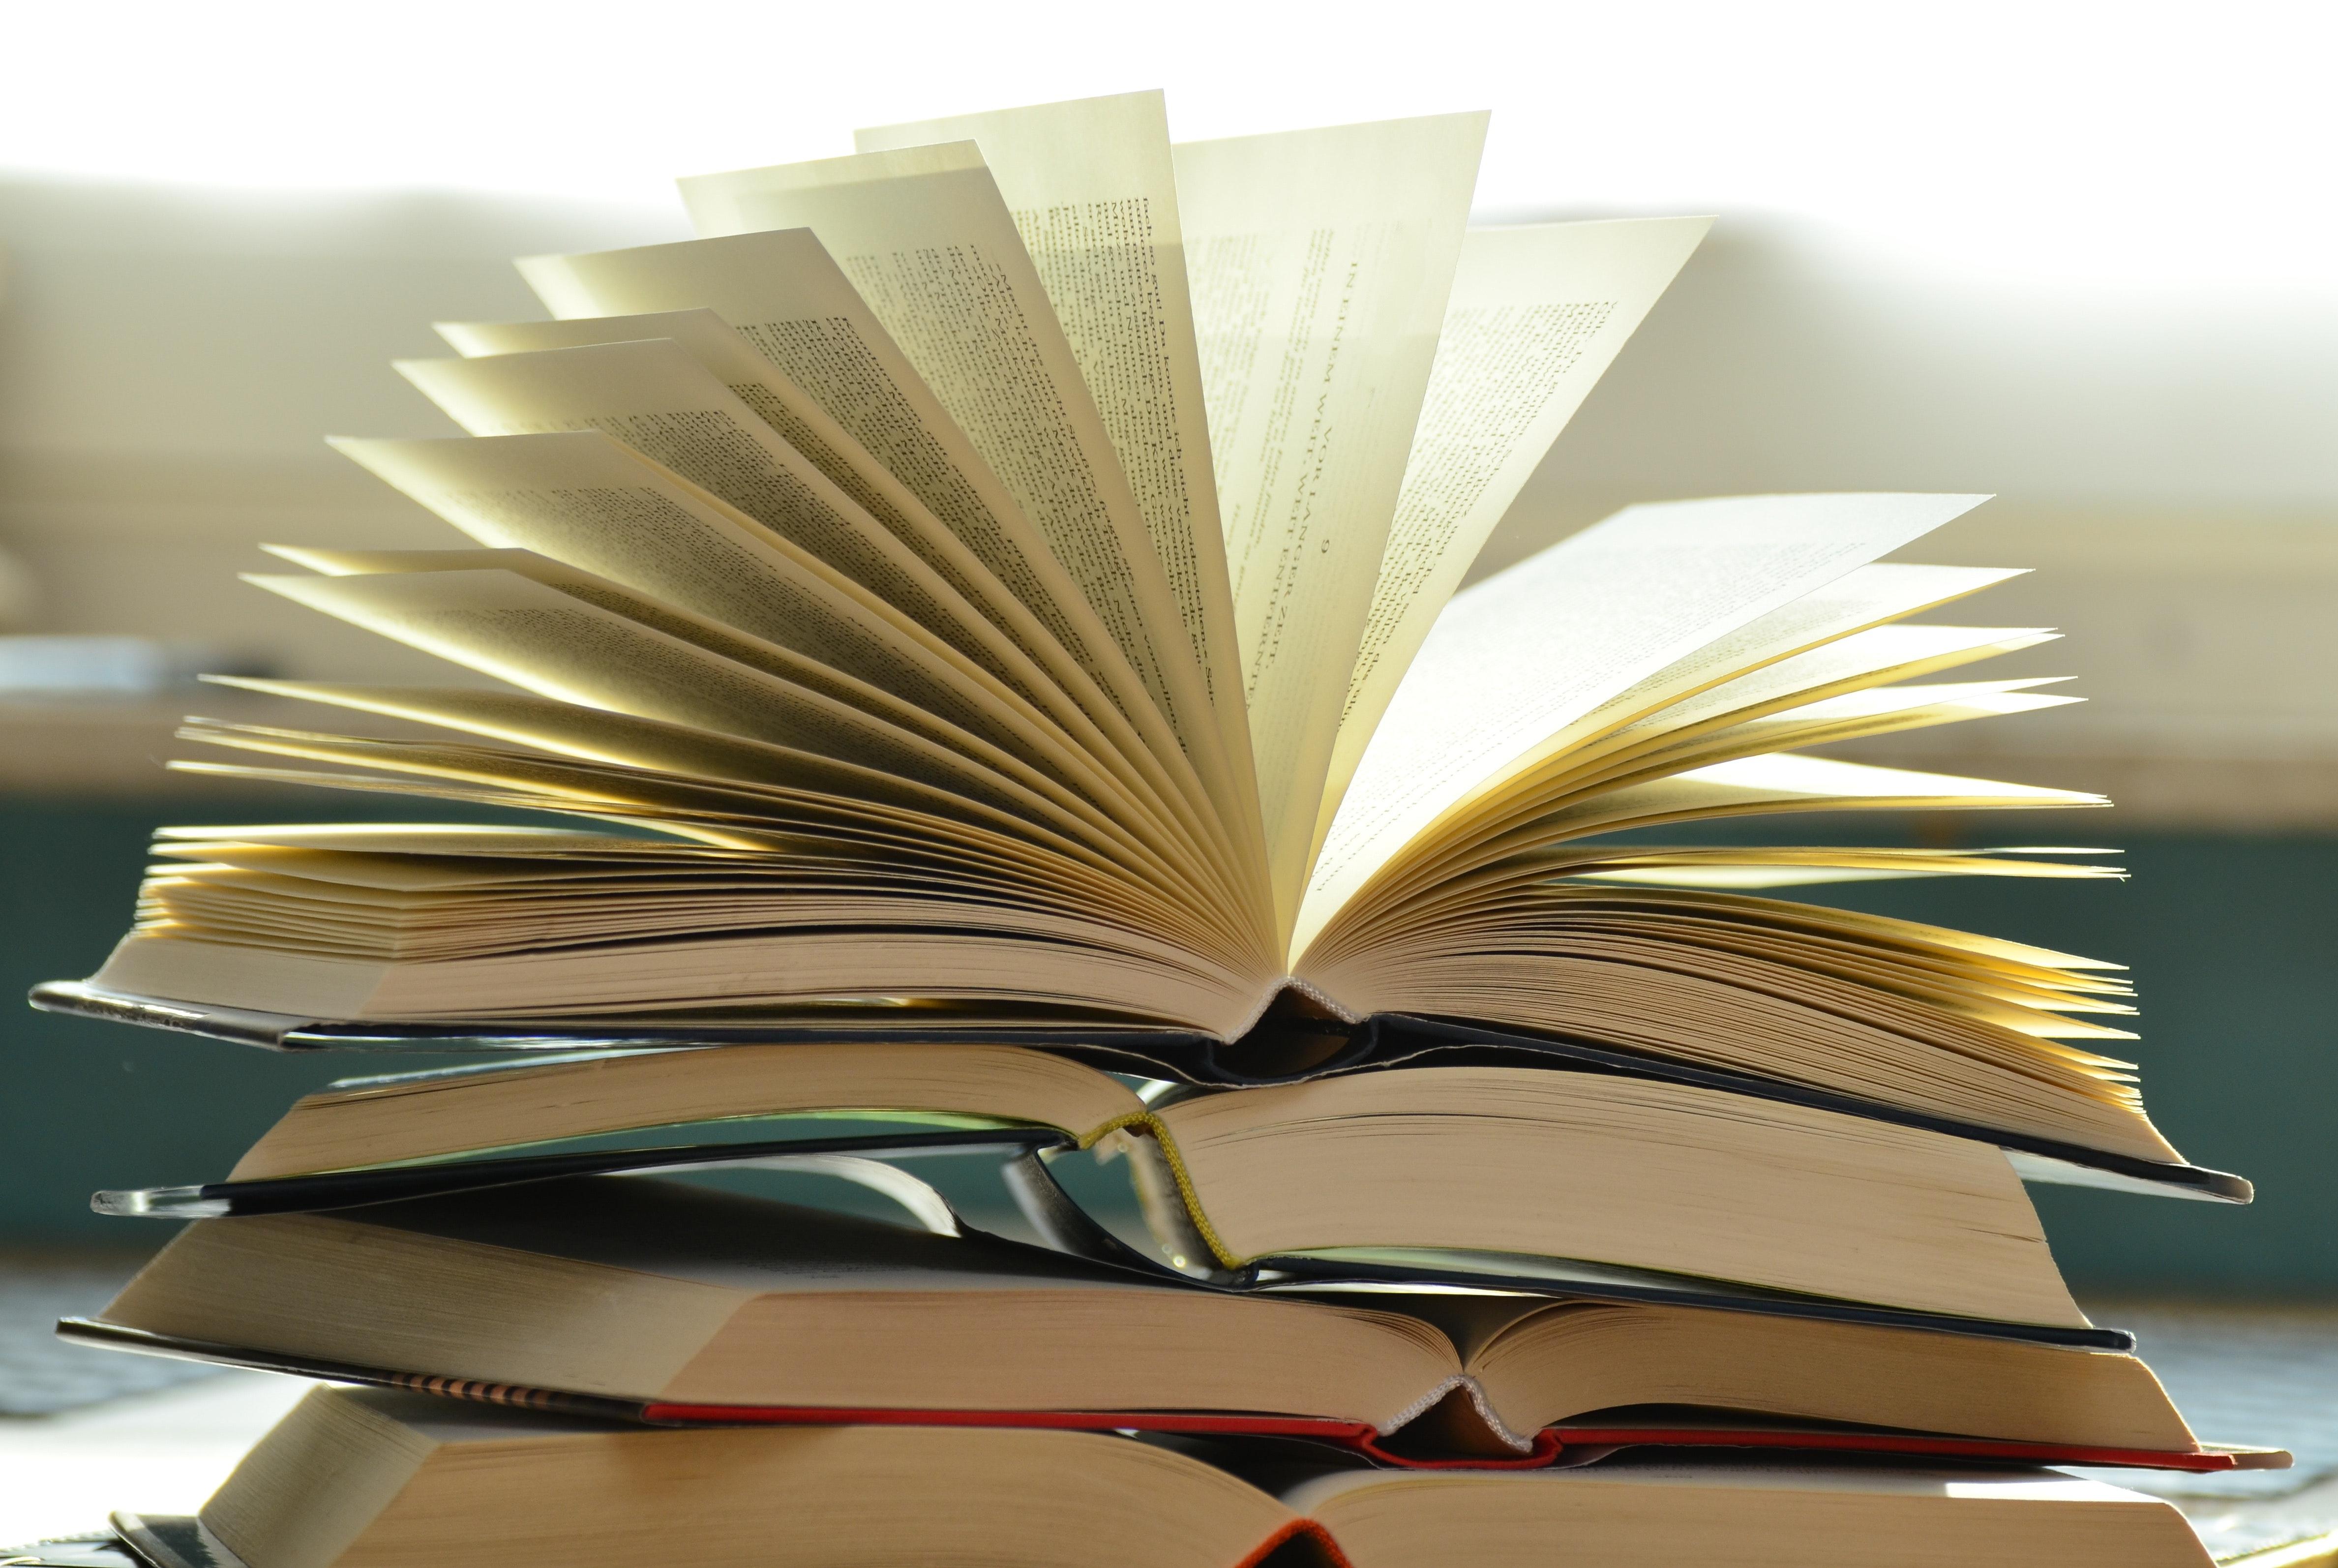 Blogga om dina favoritböcker